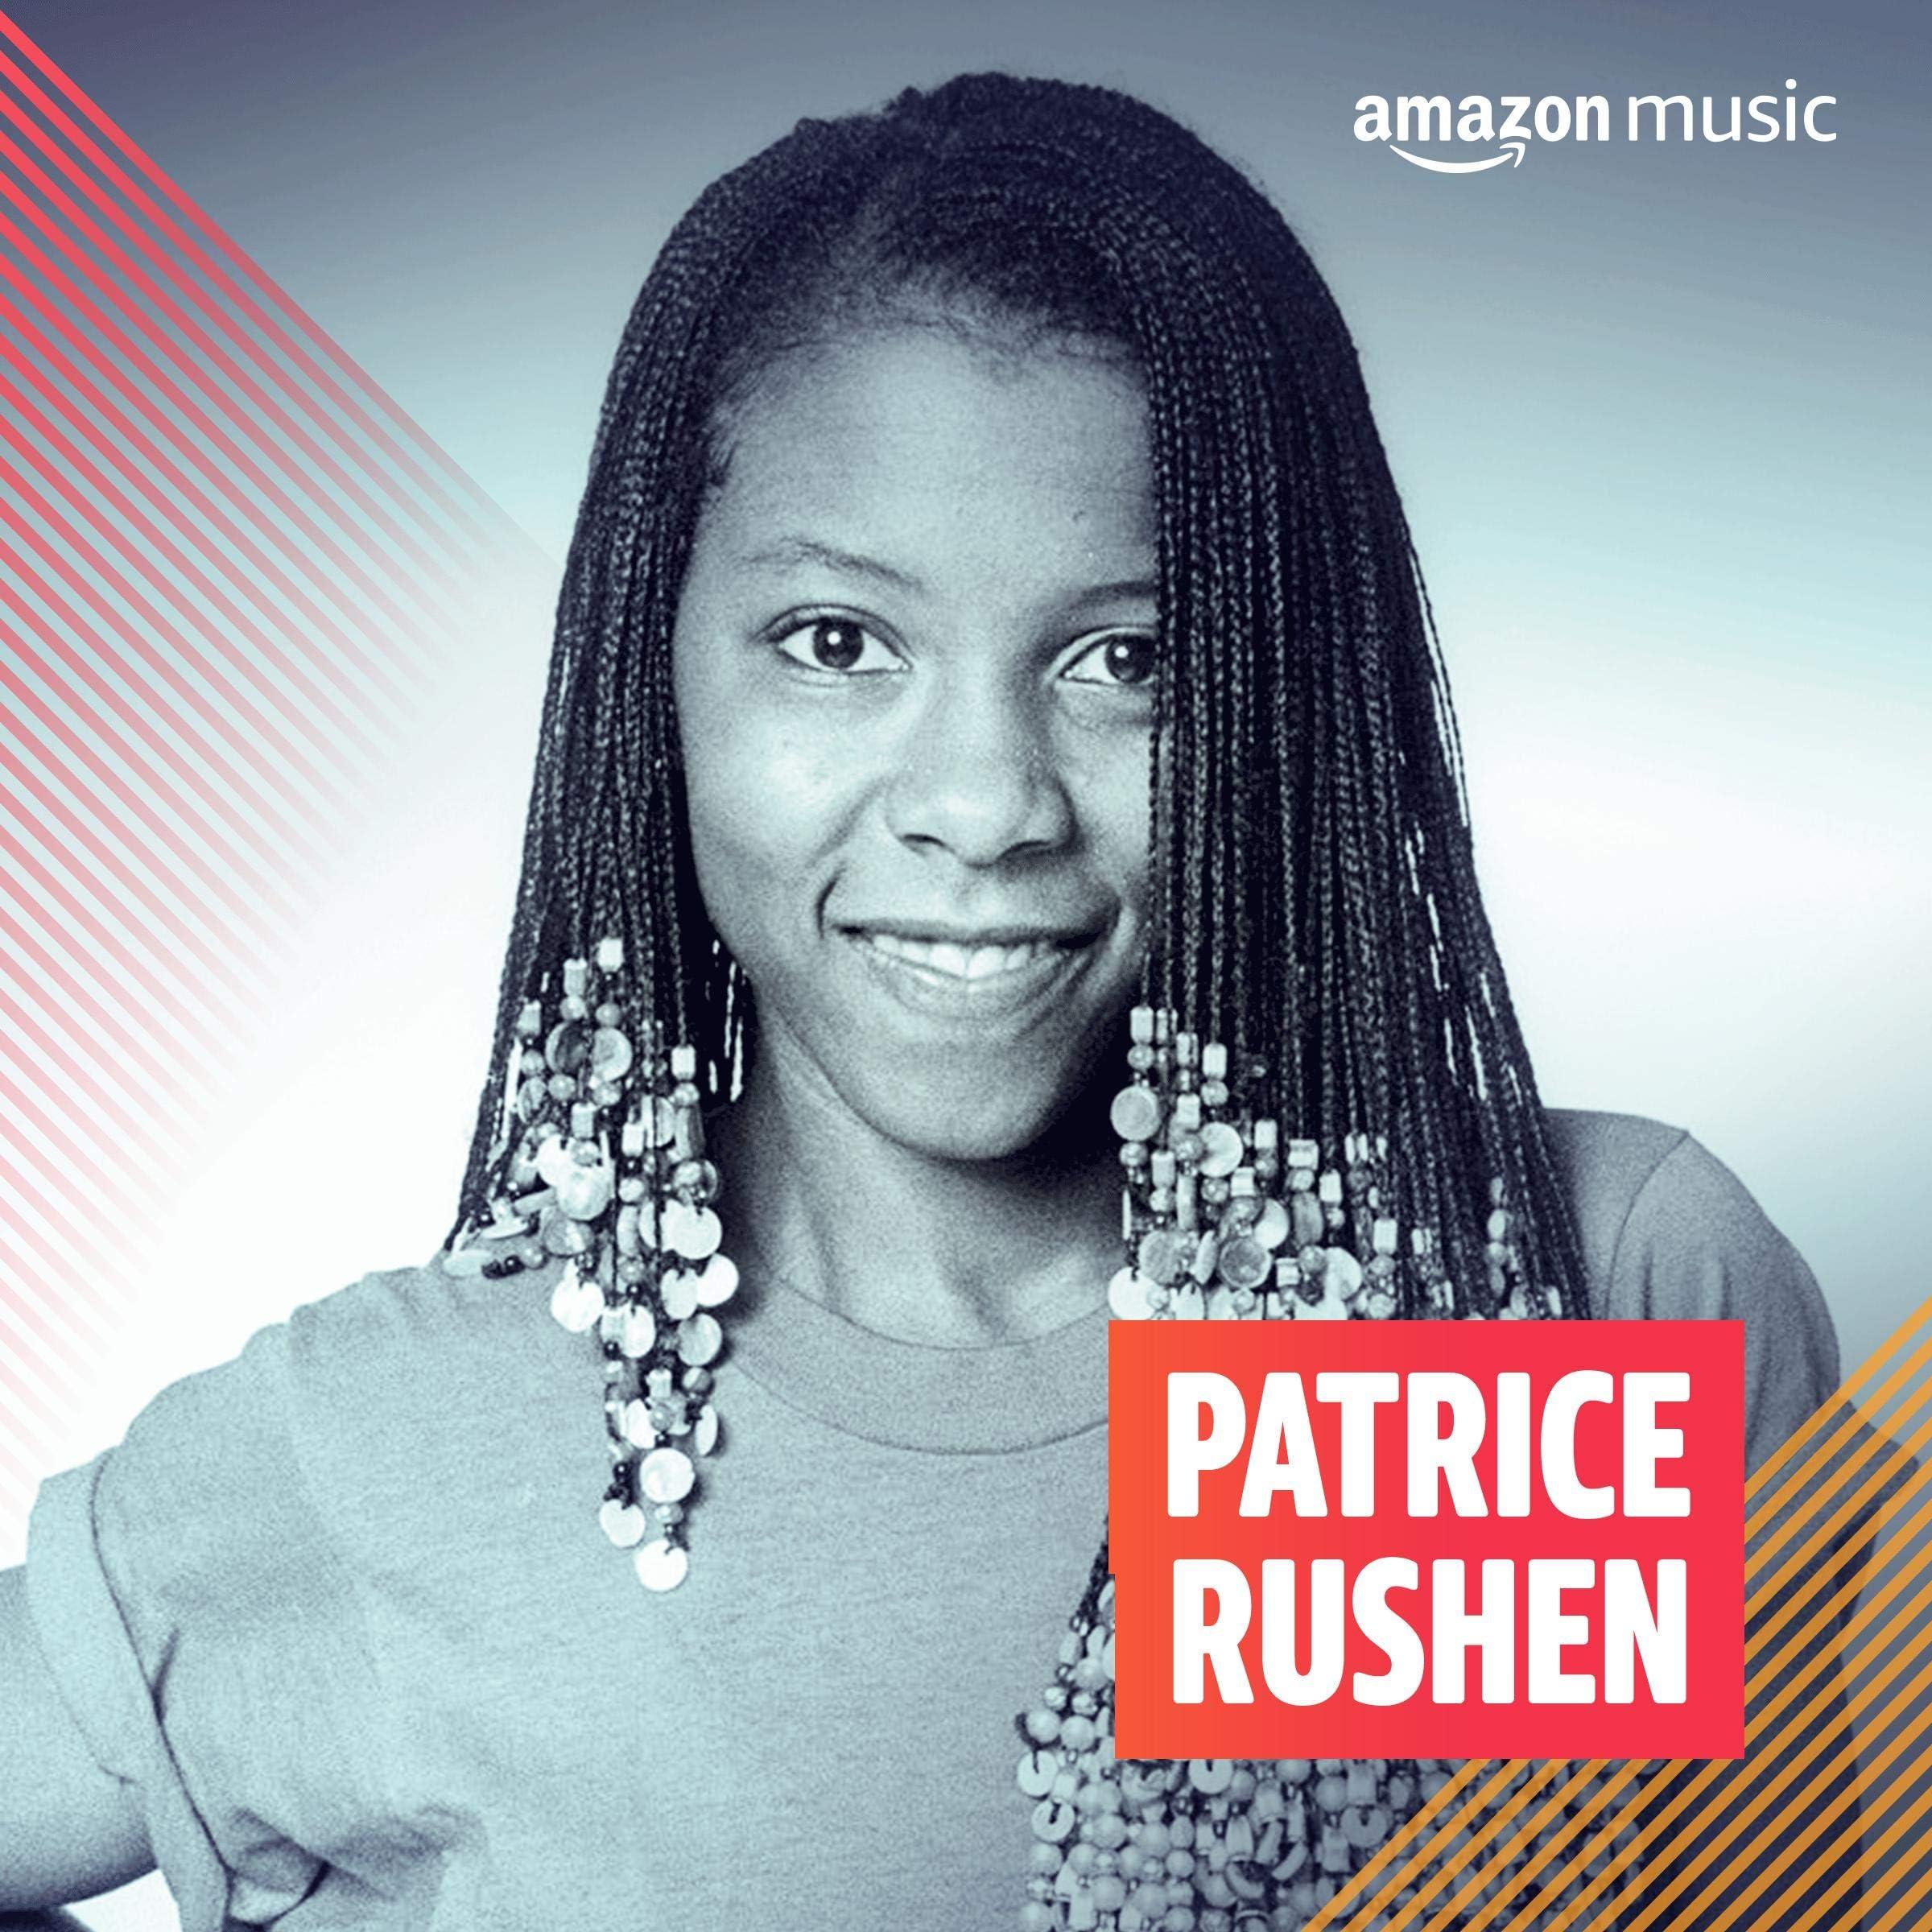 Patrice Rushen